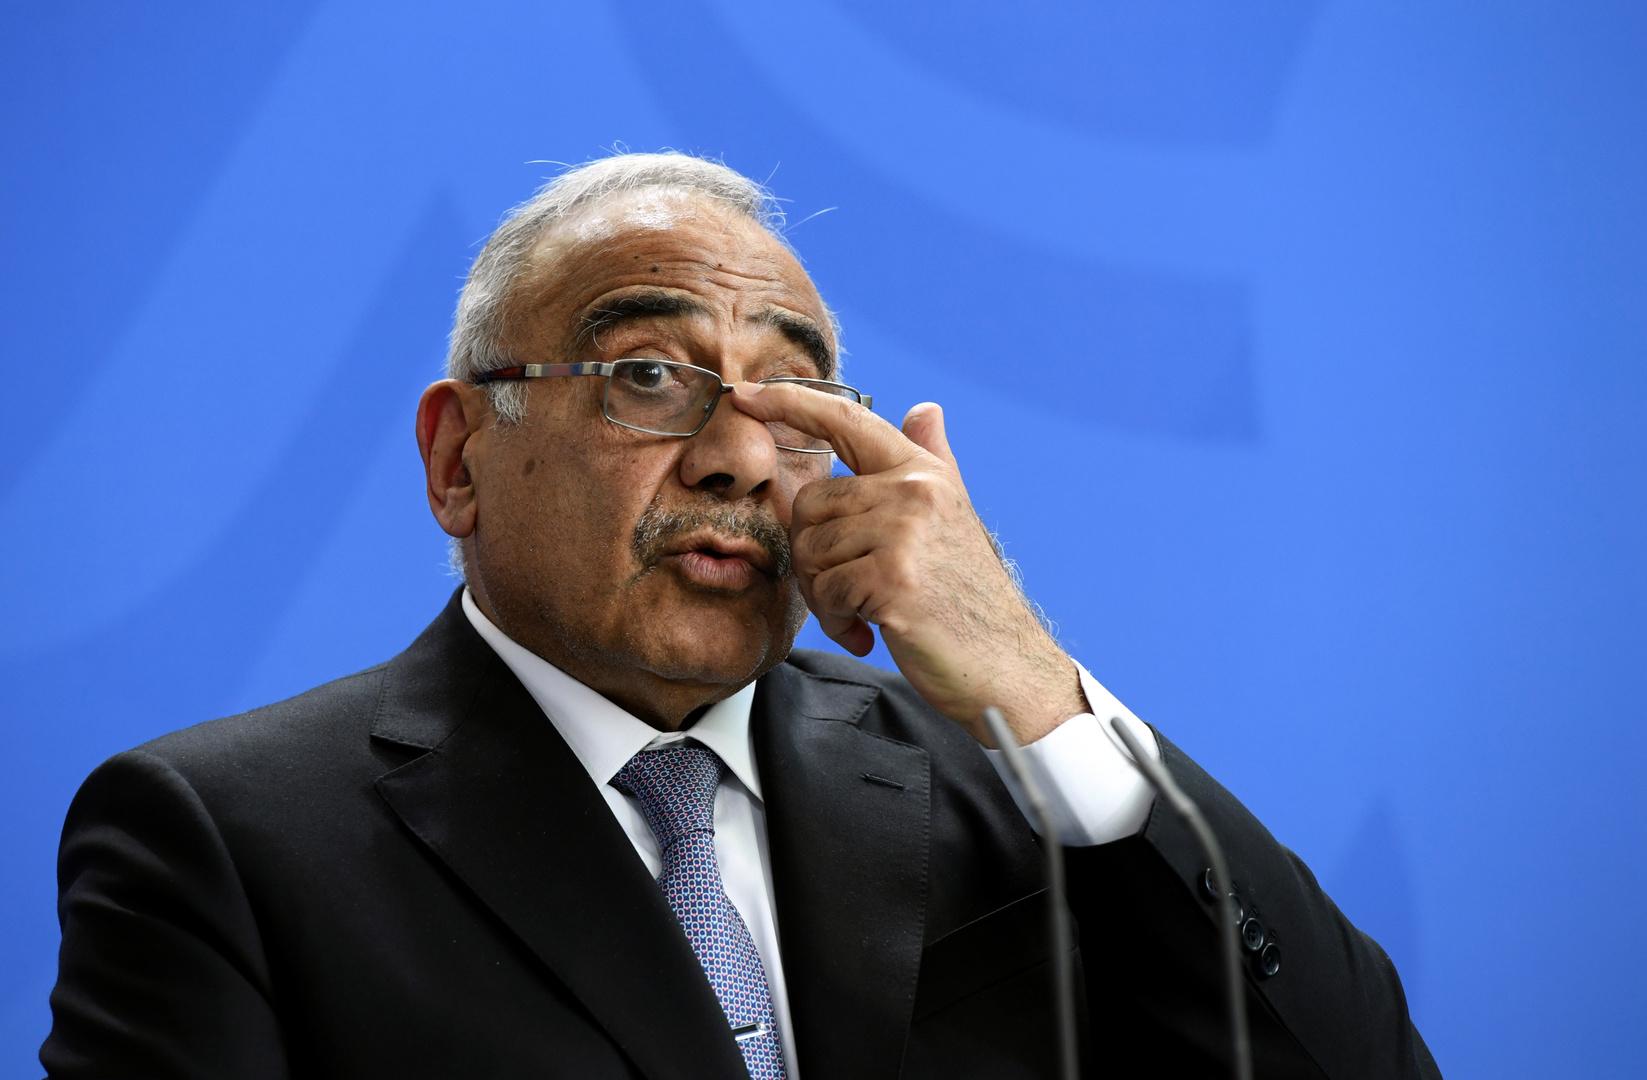 رئيس وزراء العراق: المظاهرات كشفت عوامل الخلل في النظام السياسي